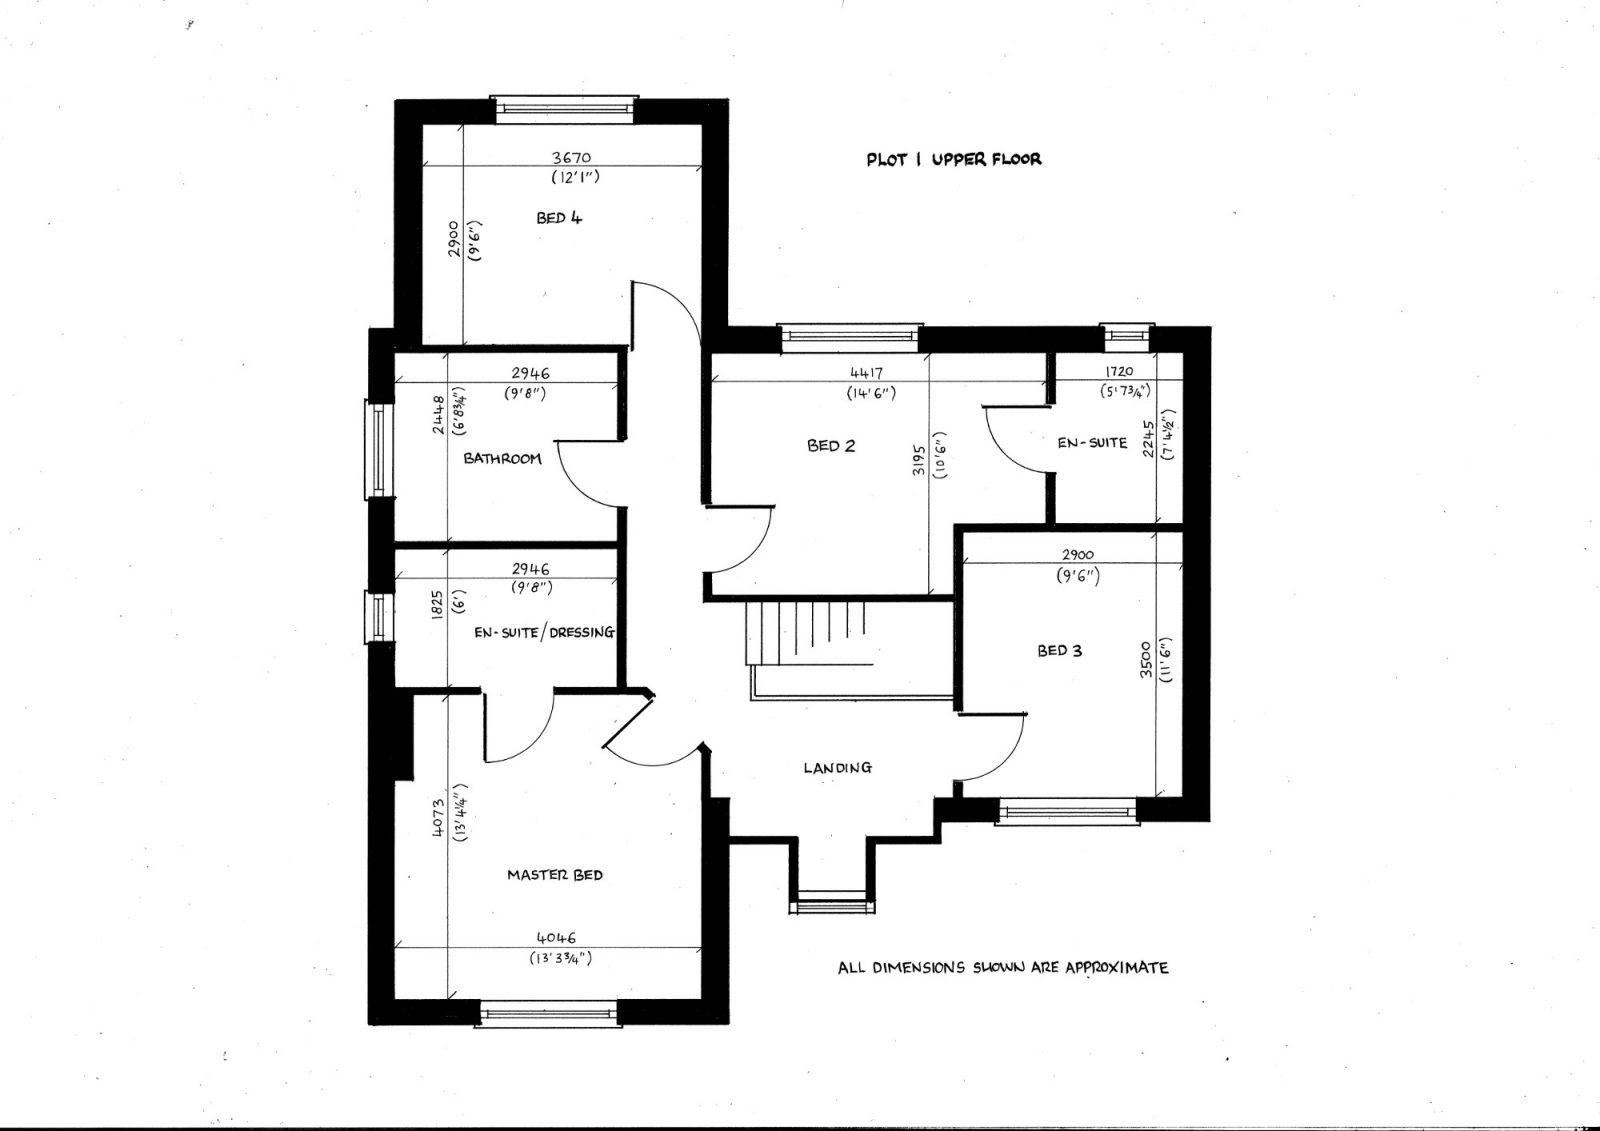 plot-1-upper-floor-plan-reduced